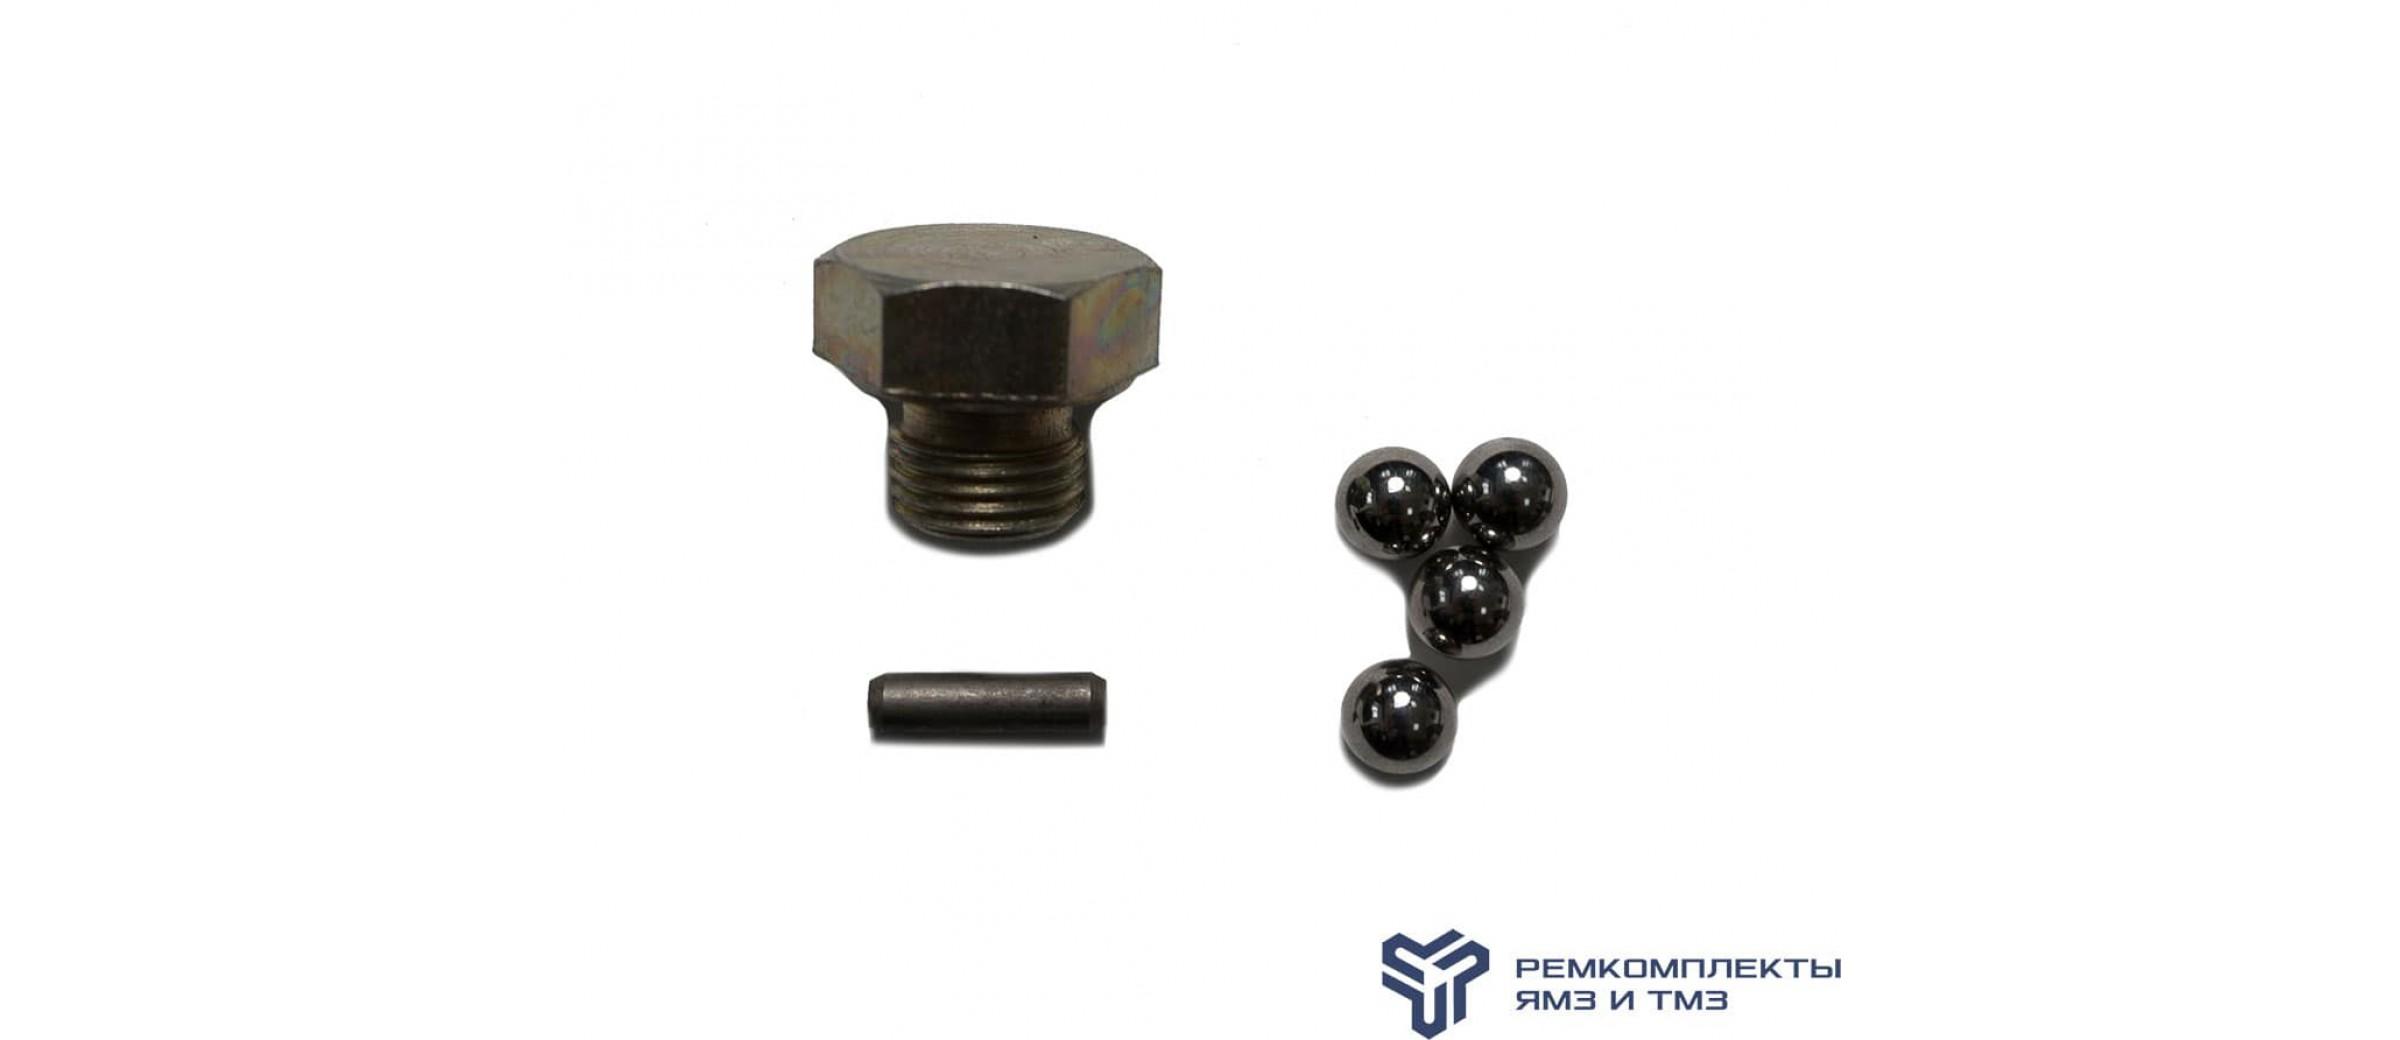 Ремкомплект замка штоков КПП-238 А,Б,ВМ,ВК